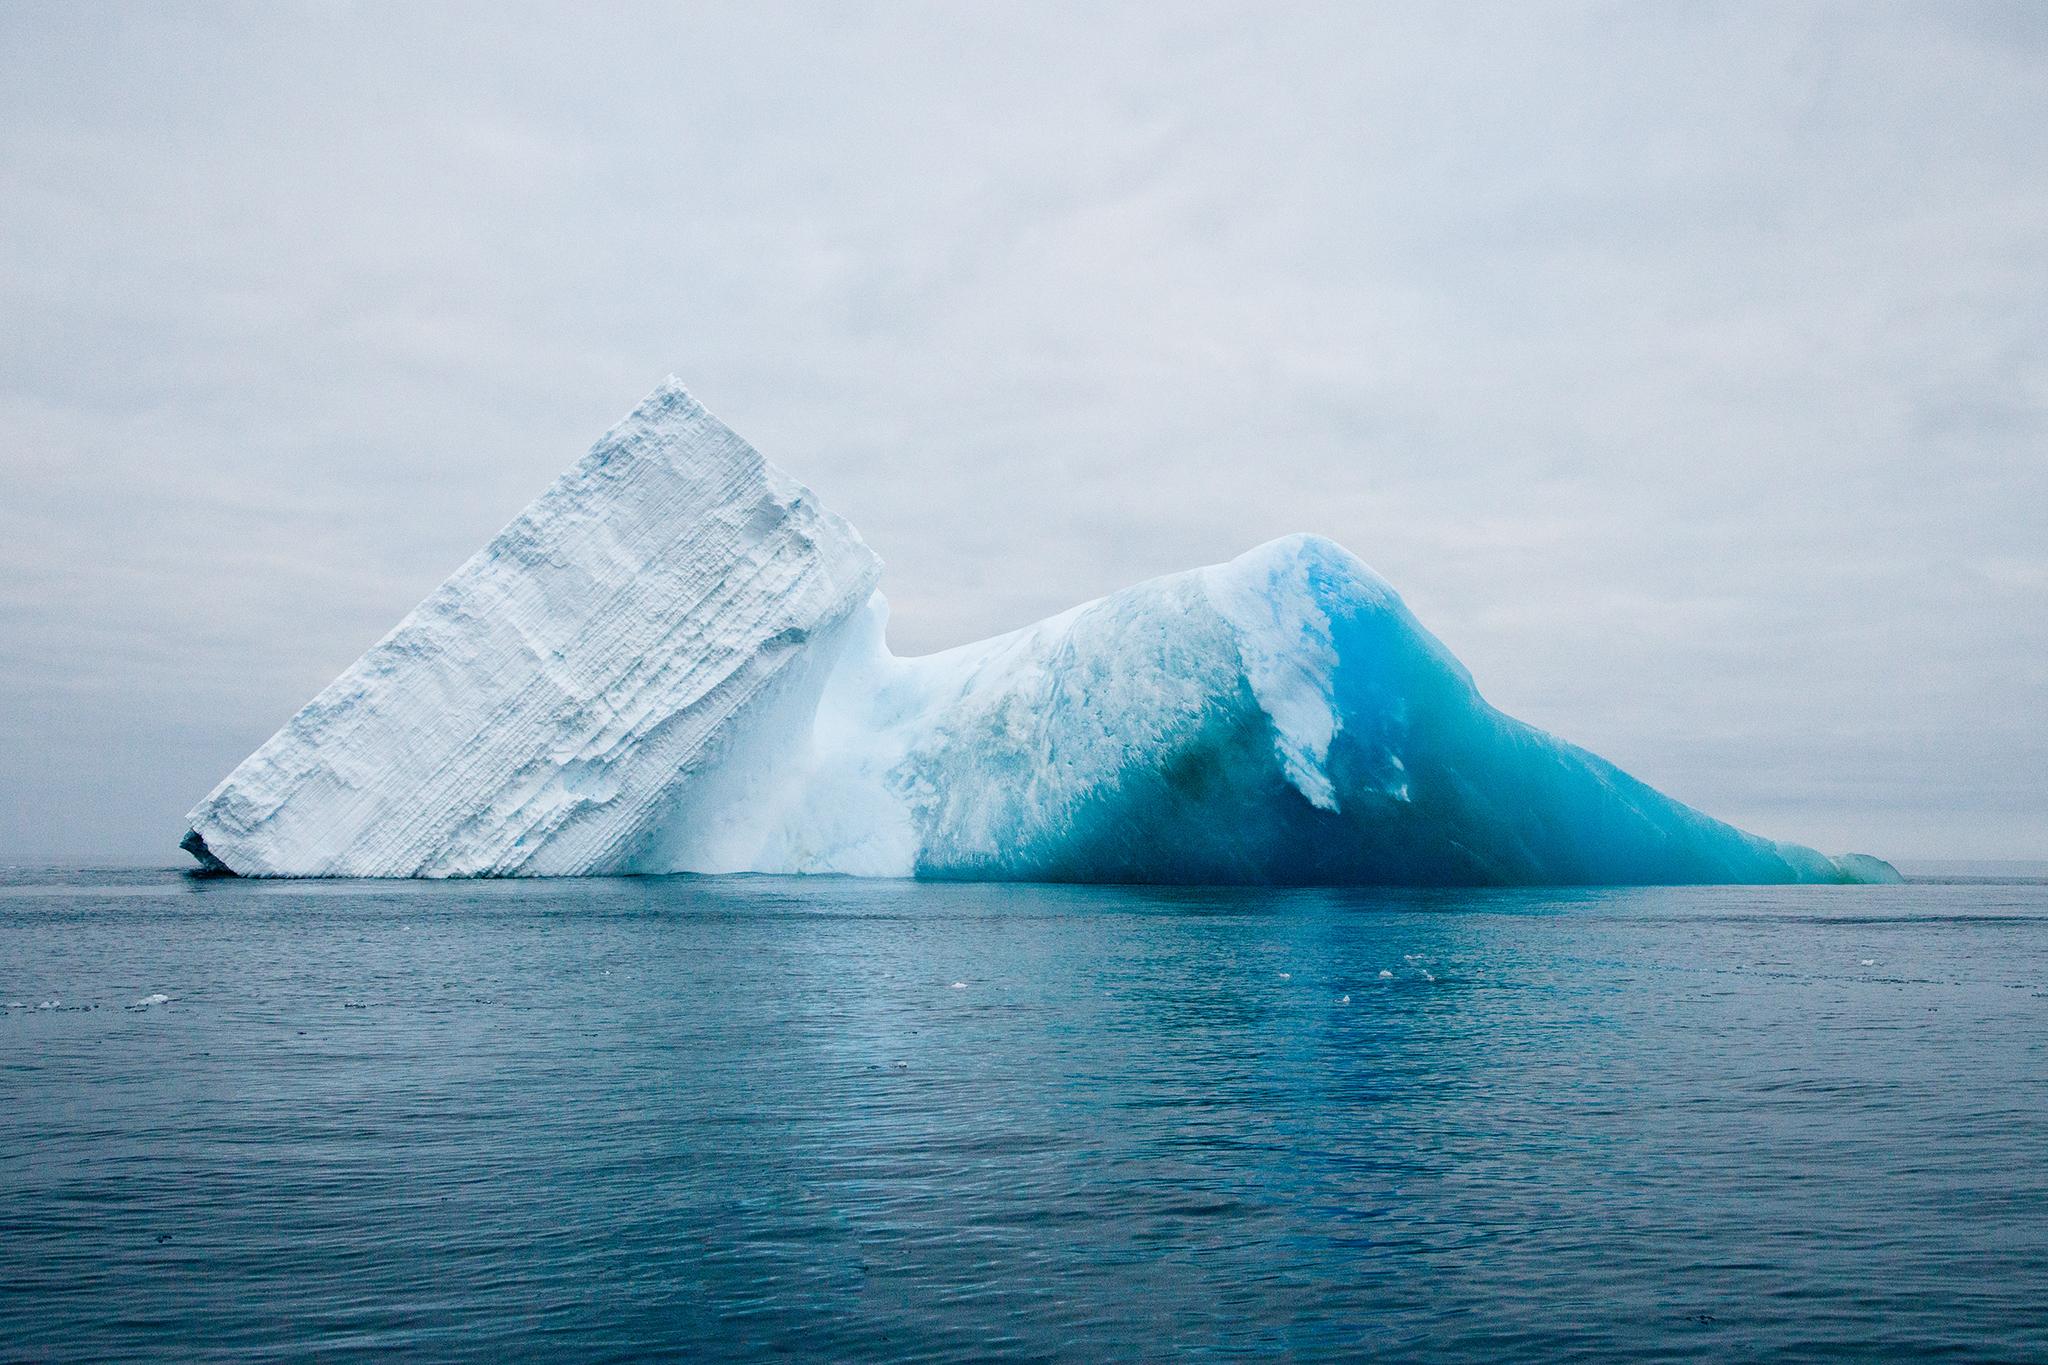 010-TW-Antarctica-130115.jpg